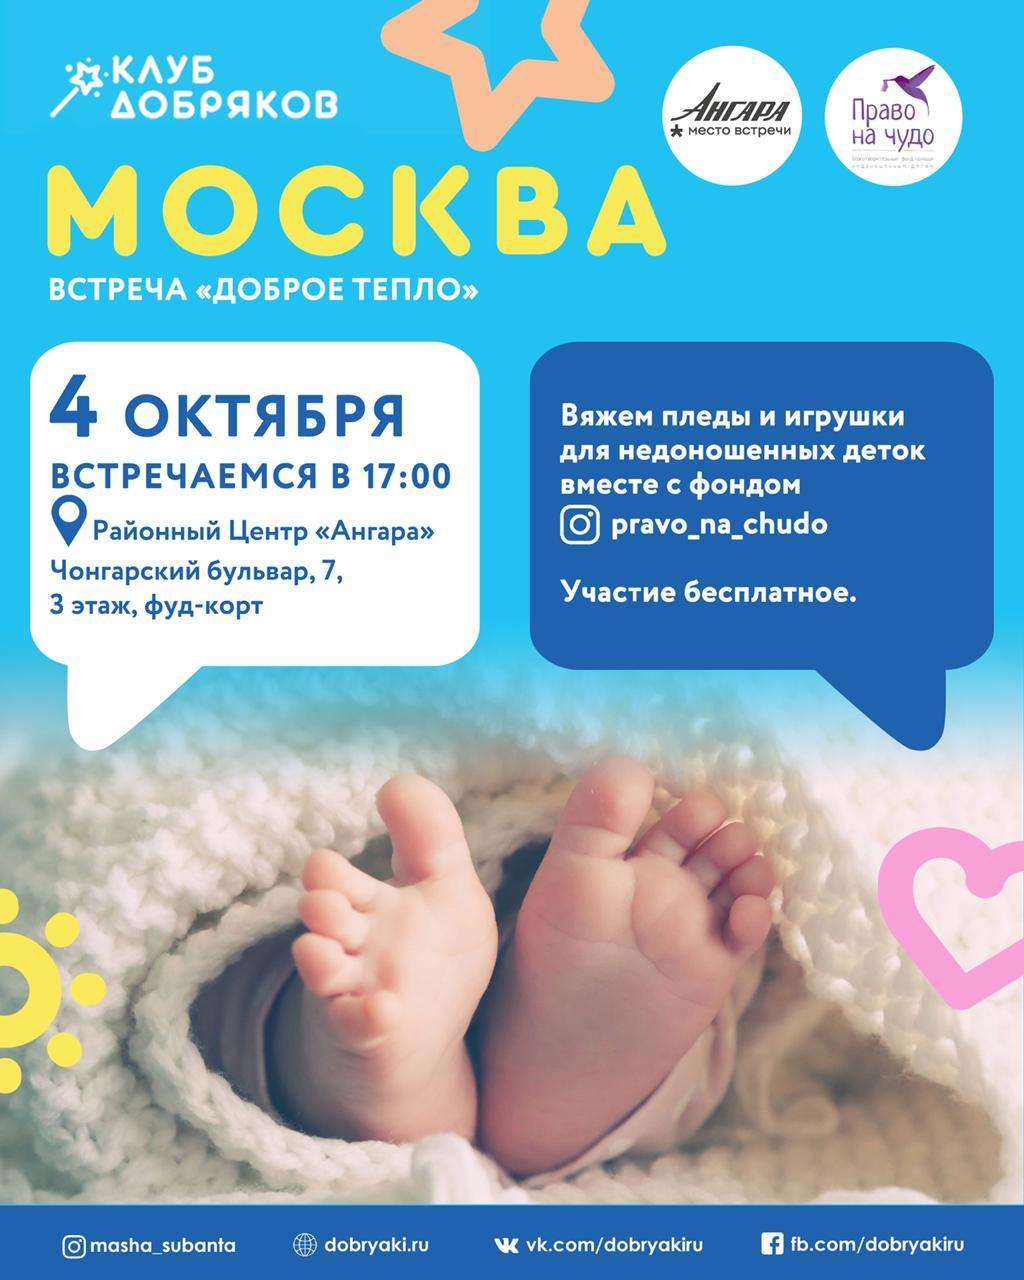 В Москве состоится долгожданная встреча по вязанию